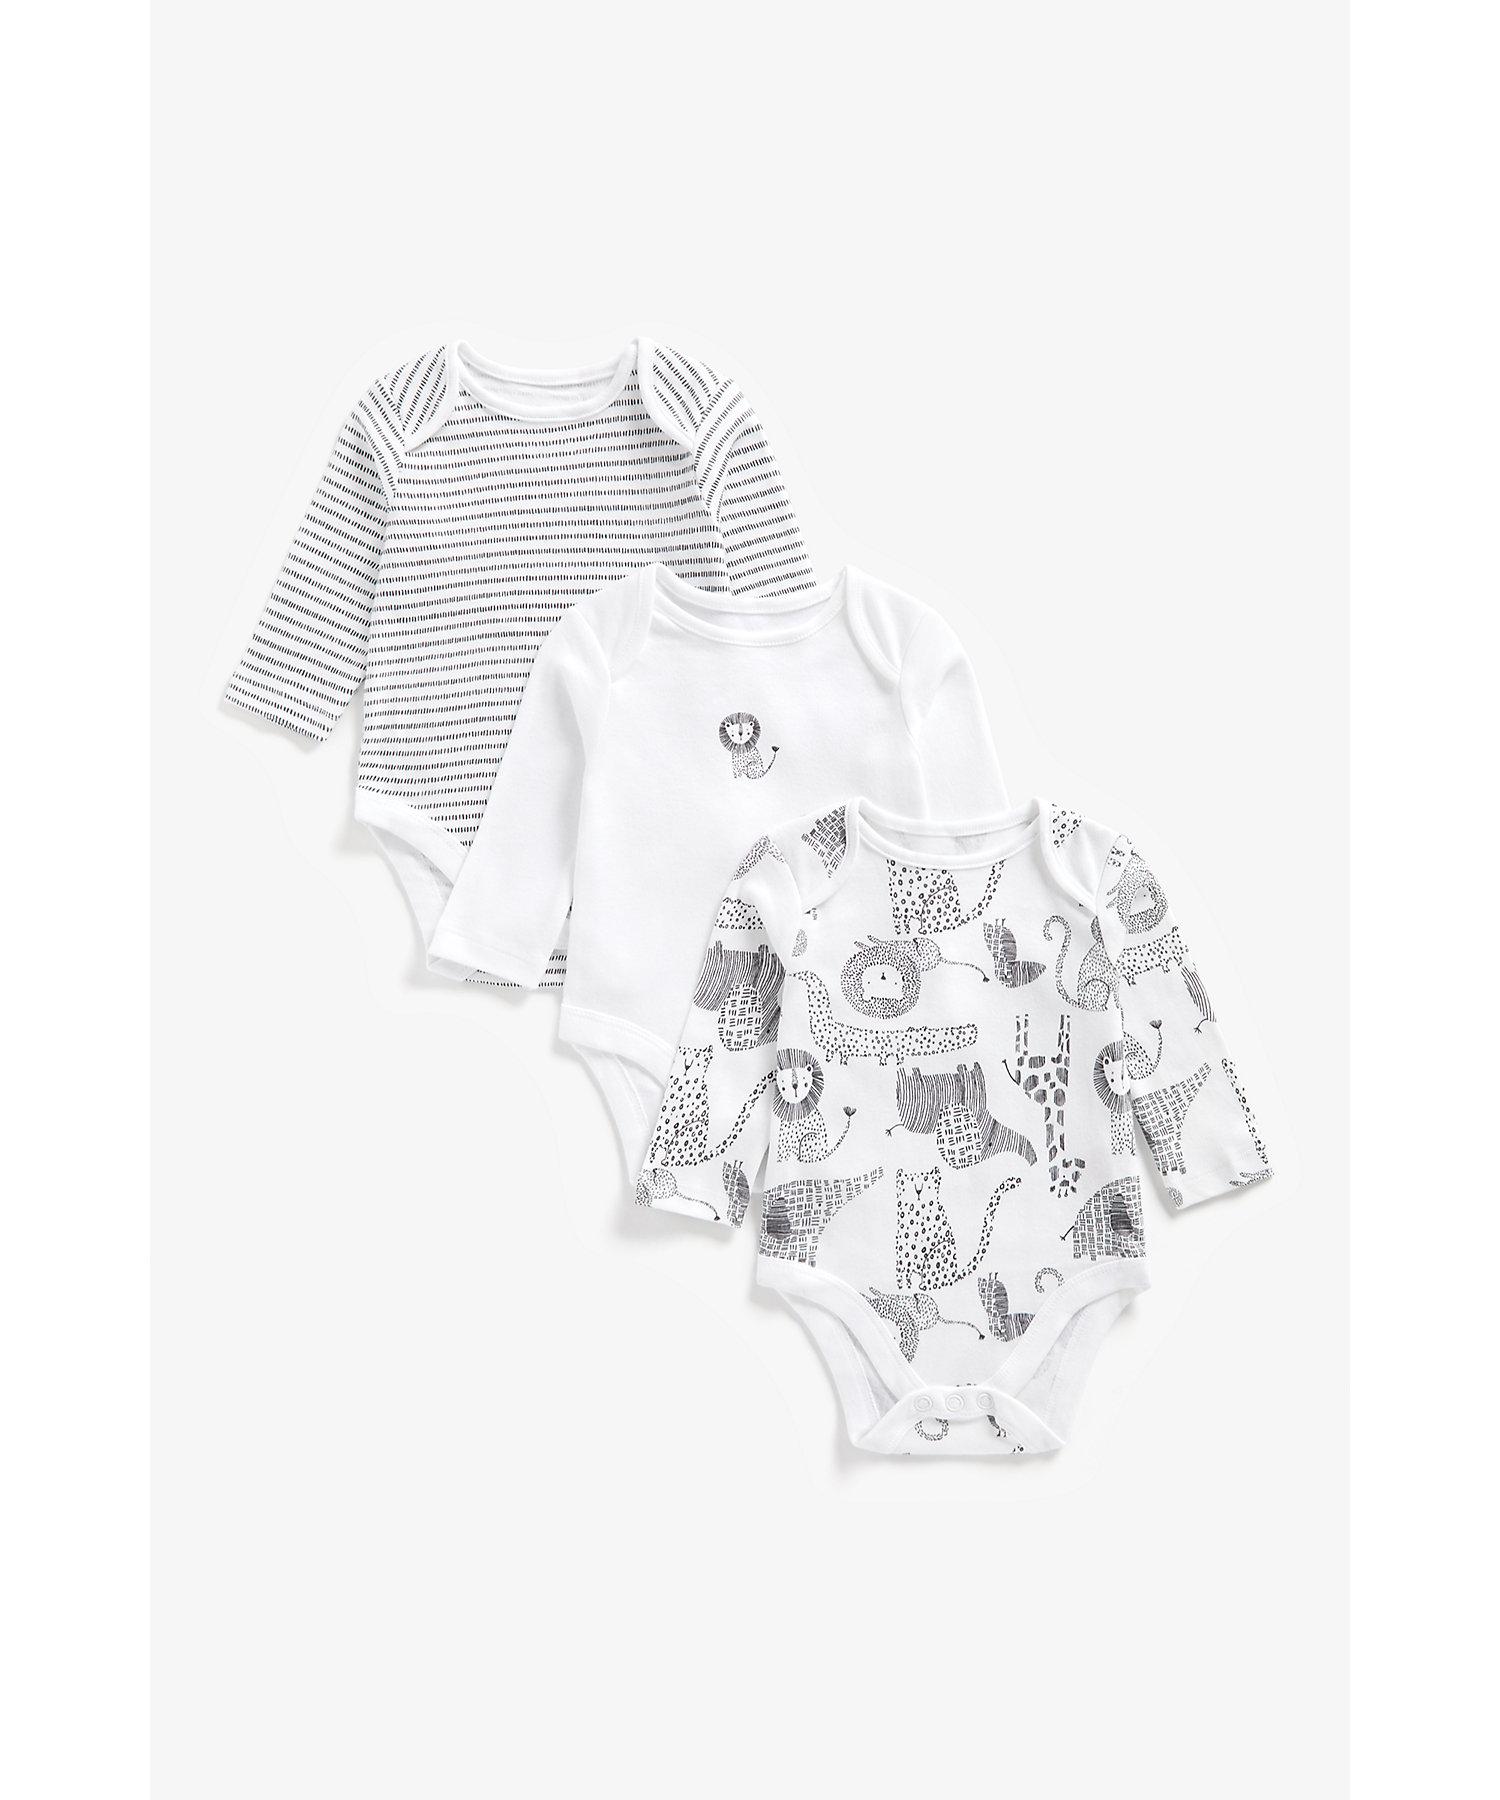 Mothercare | Unisex Full Sleeves Bodysuit Animal Print - Pack Of 3 - White